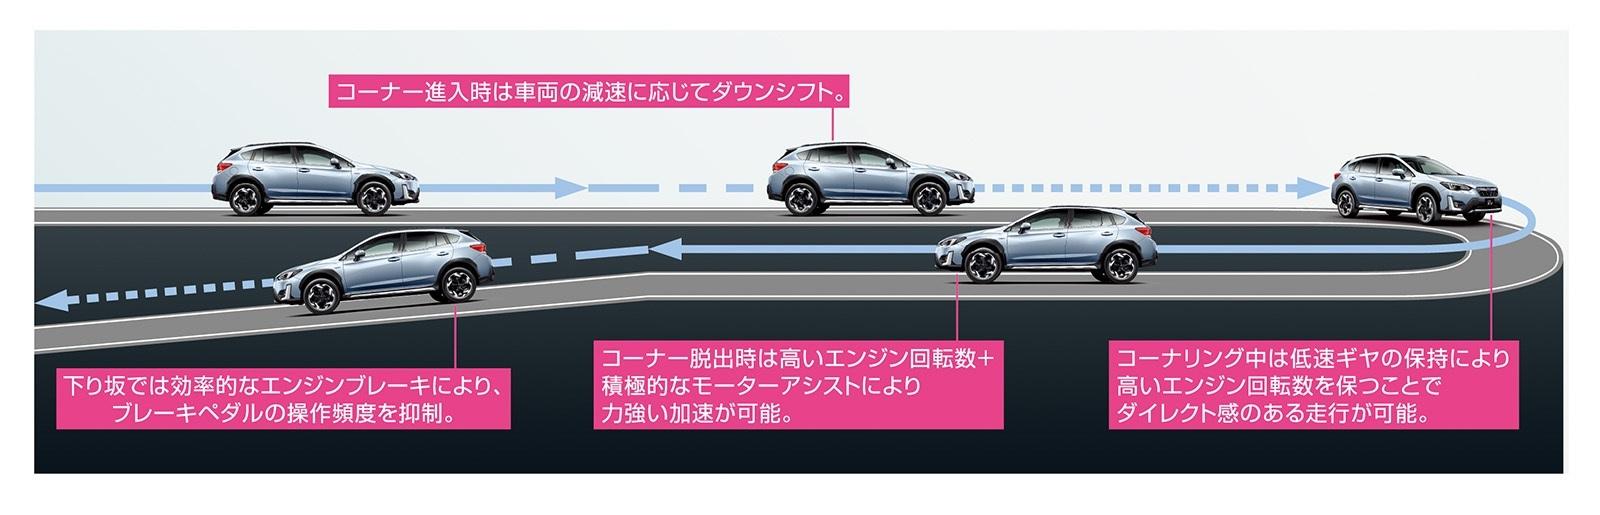 インプレッサWRXのスポーツワゴンからXVのあるべき姿を想像する_f0076731_16305197.jpg